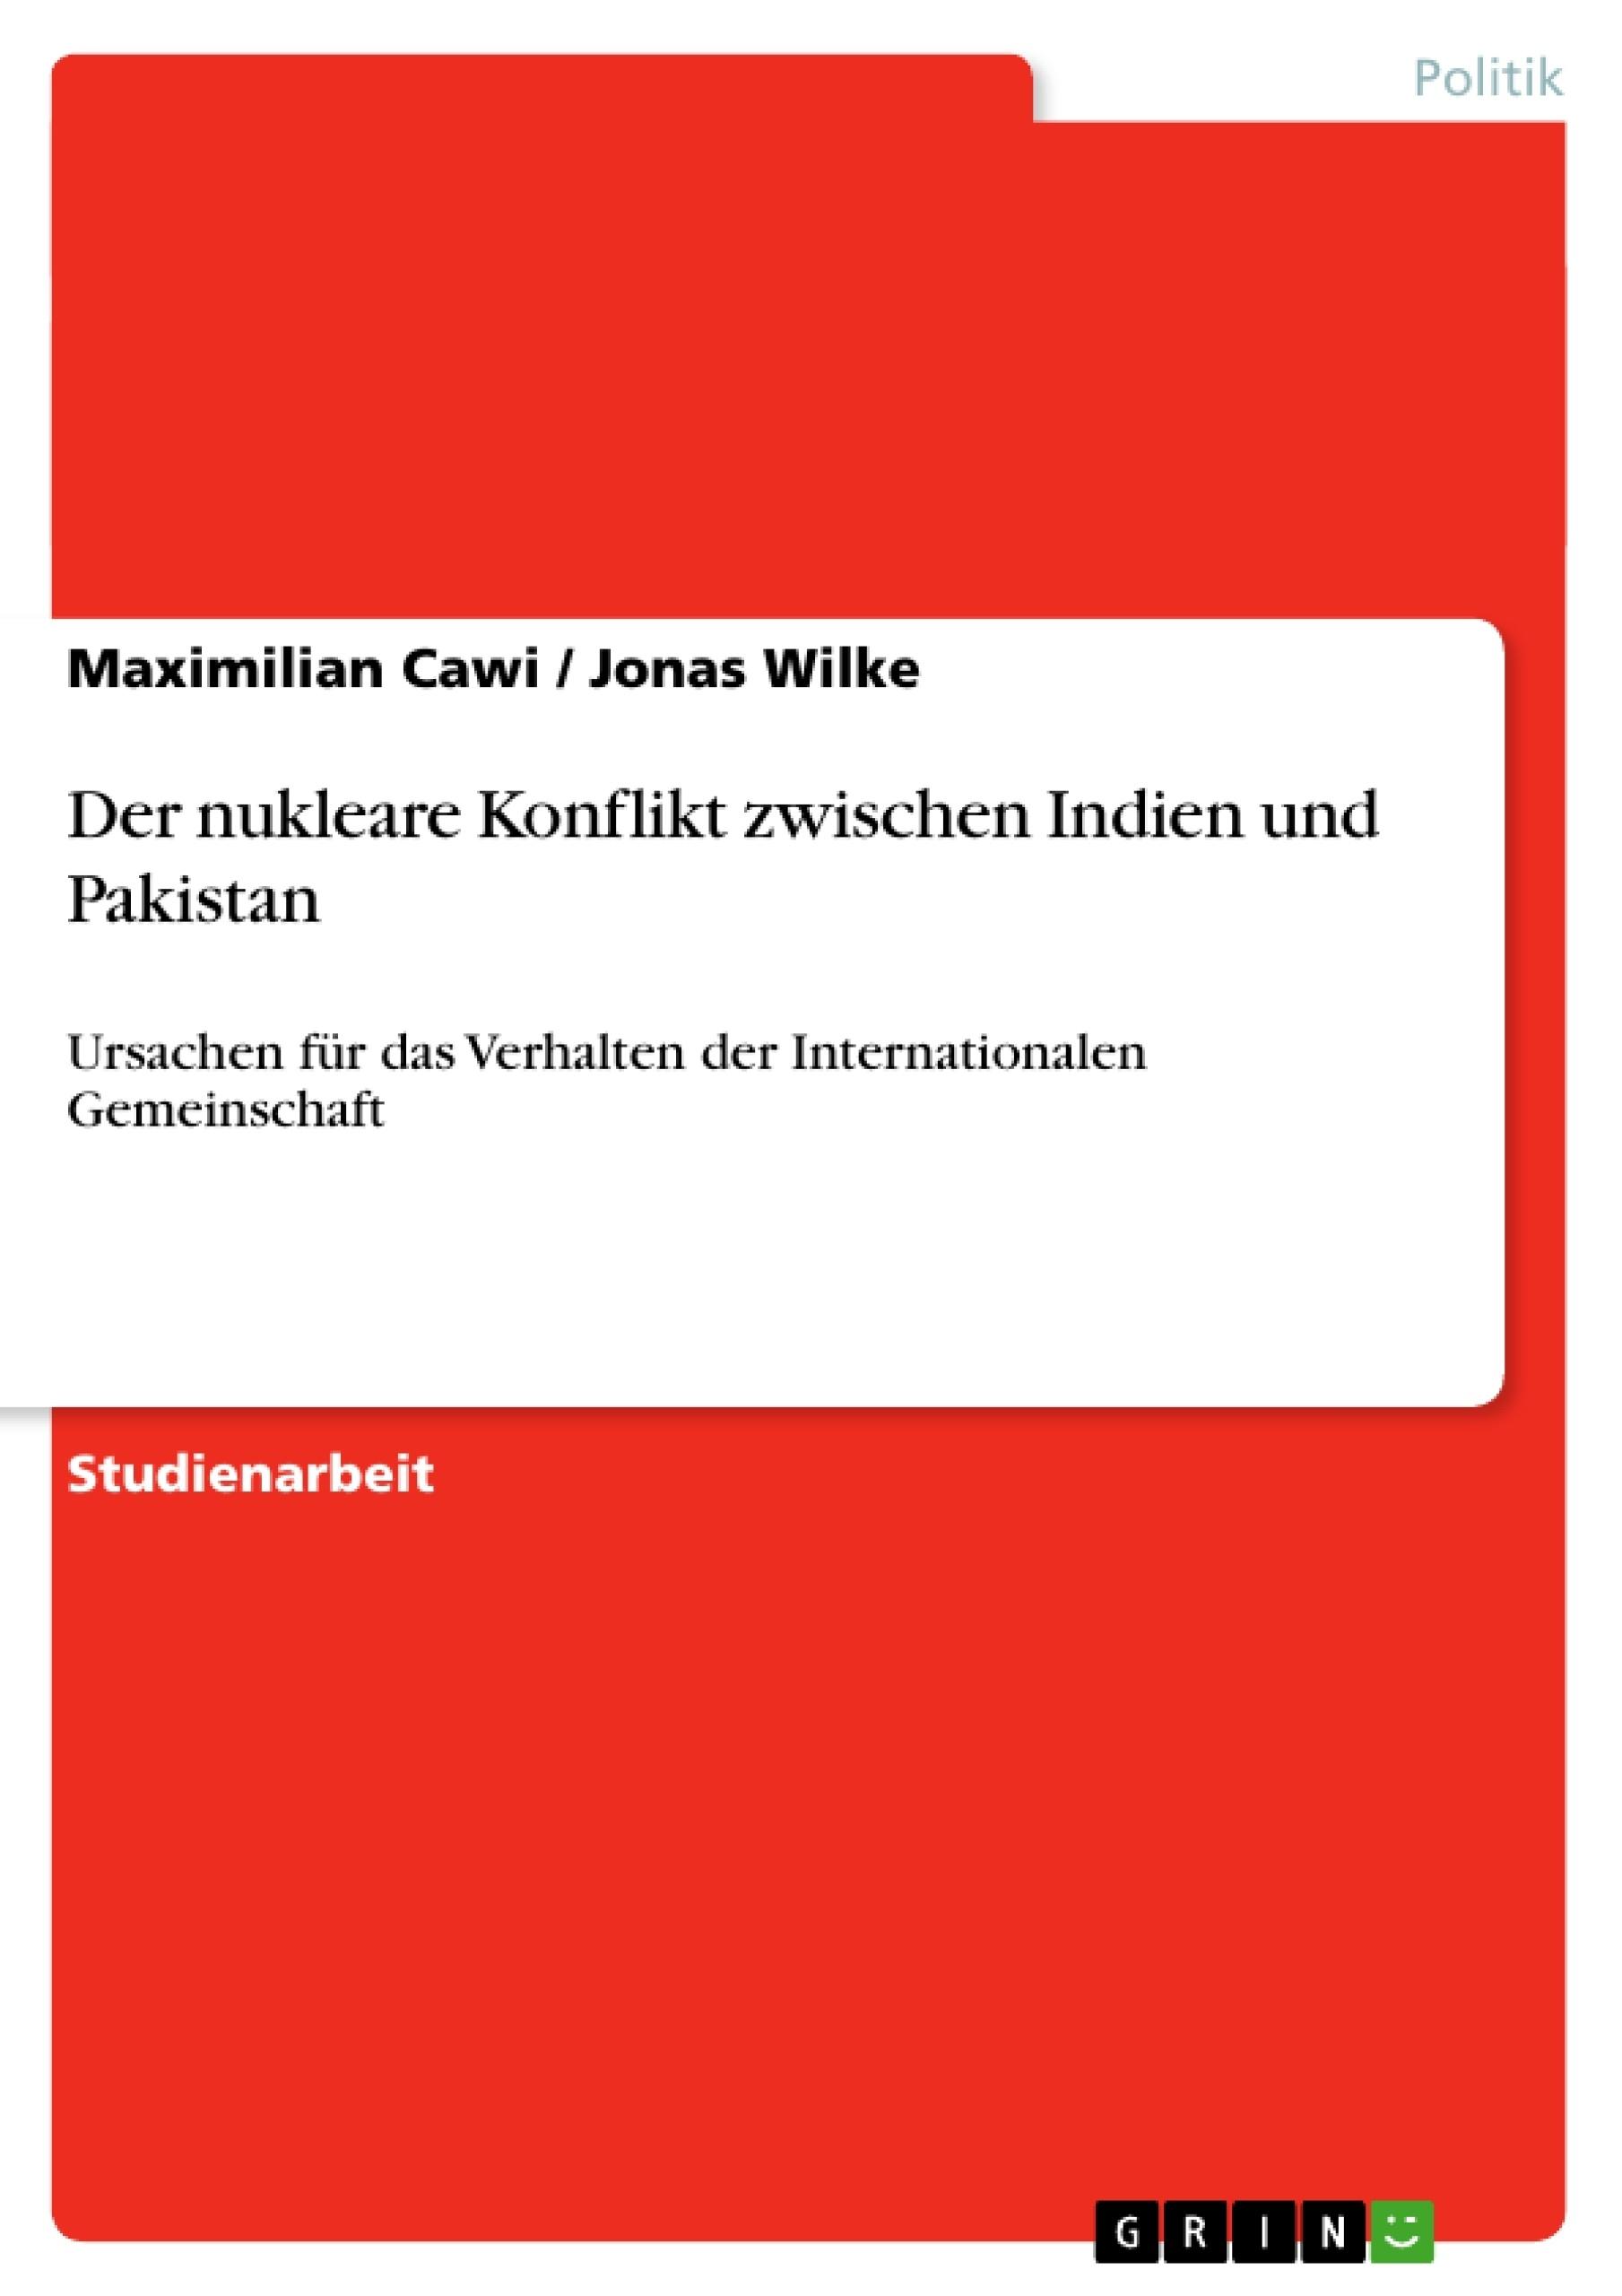 Titel: Der nukleare Konflikt zwischen Indien und Pakistan